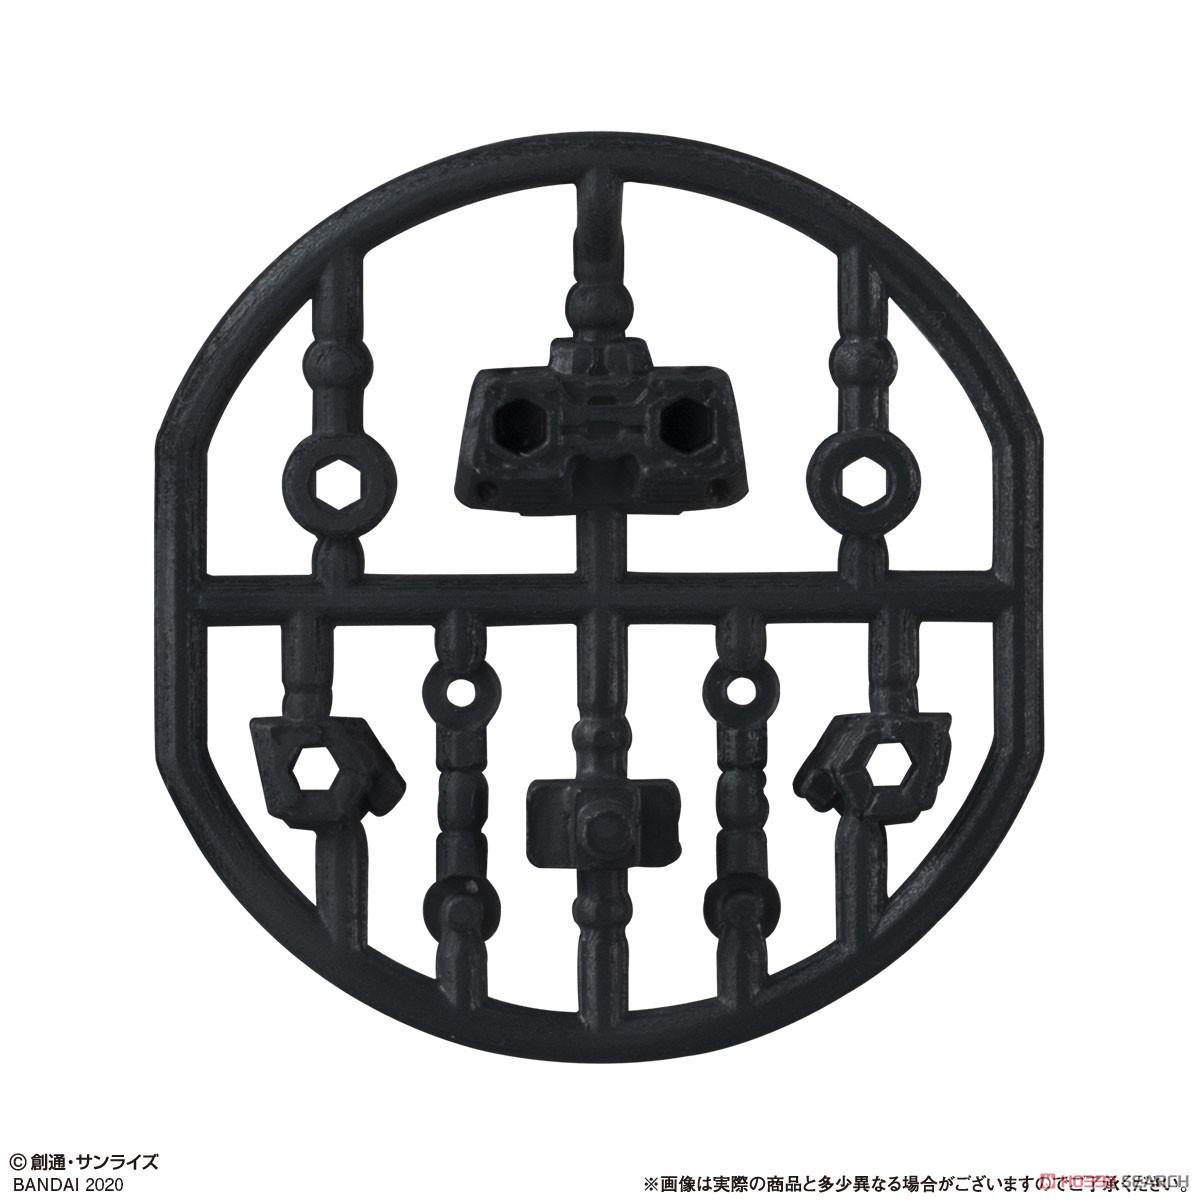 機動戦士ガンダム『ガシャポン戦士フォルテ11』12個入りBOX-008